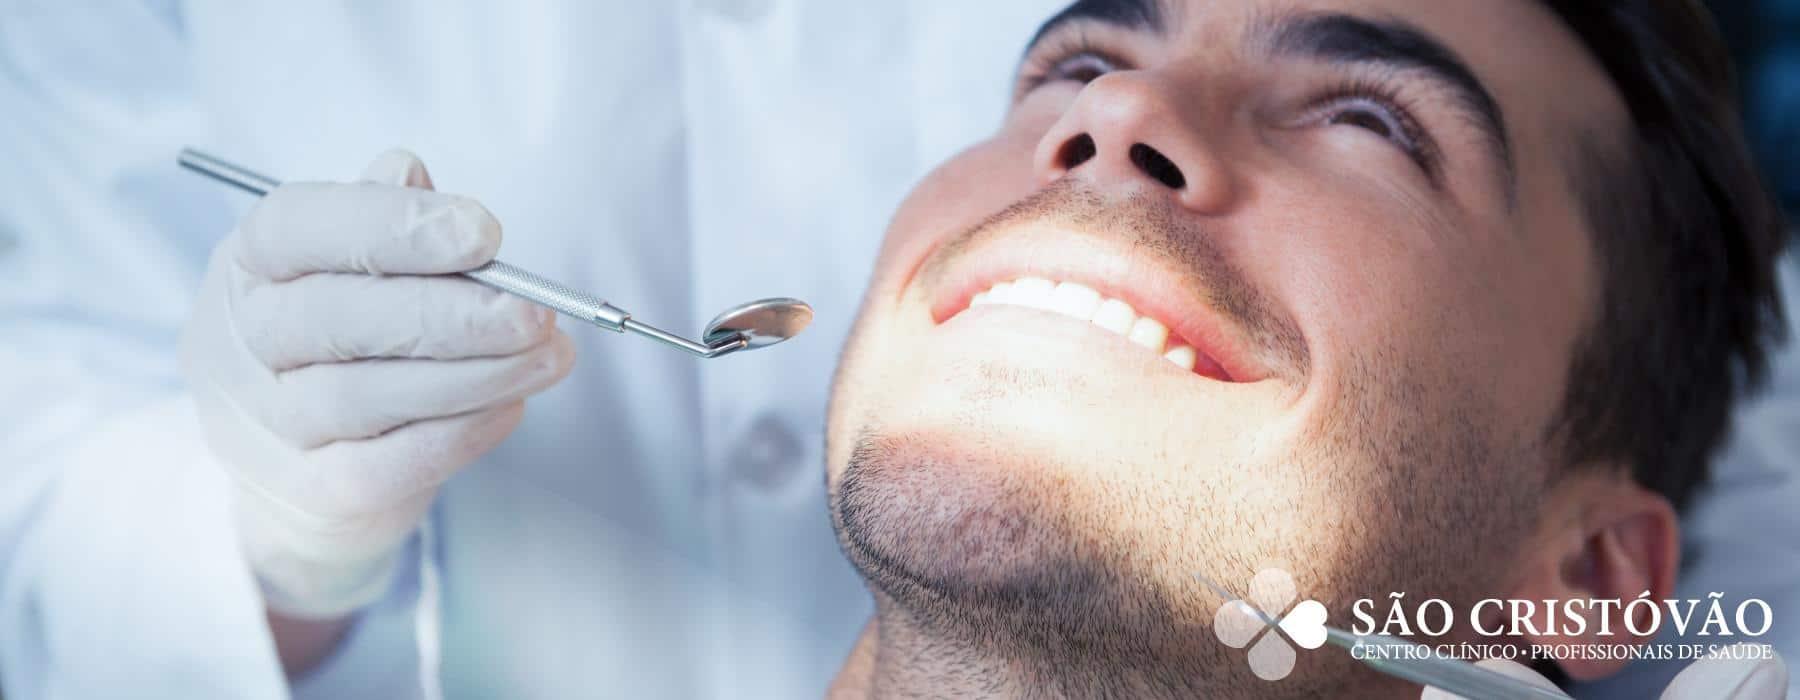 A Cirurgia Oral é responsável por todas as cirurgias de extrações dentárias, incluindo a extração do dente do siso.